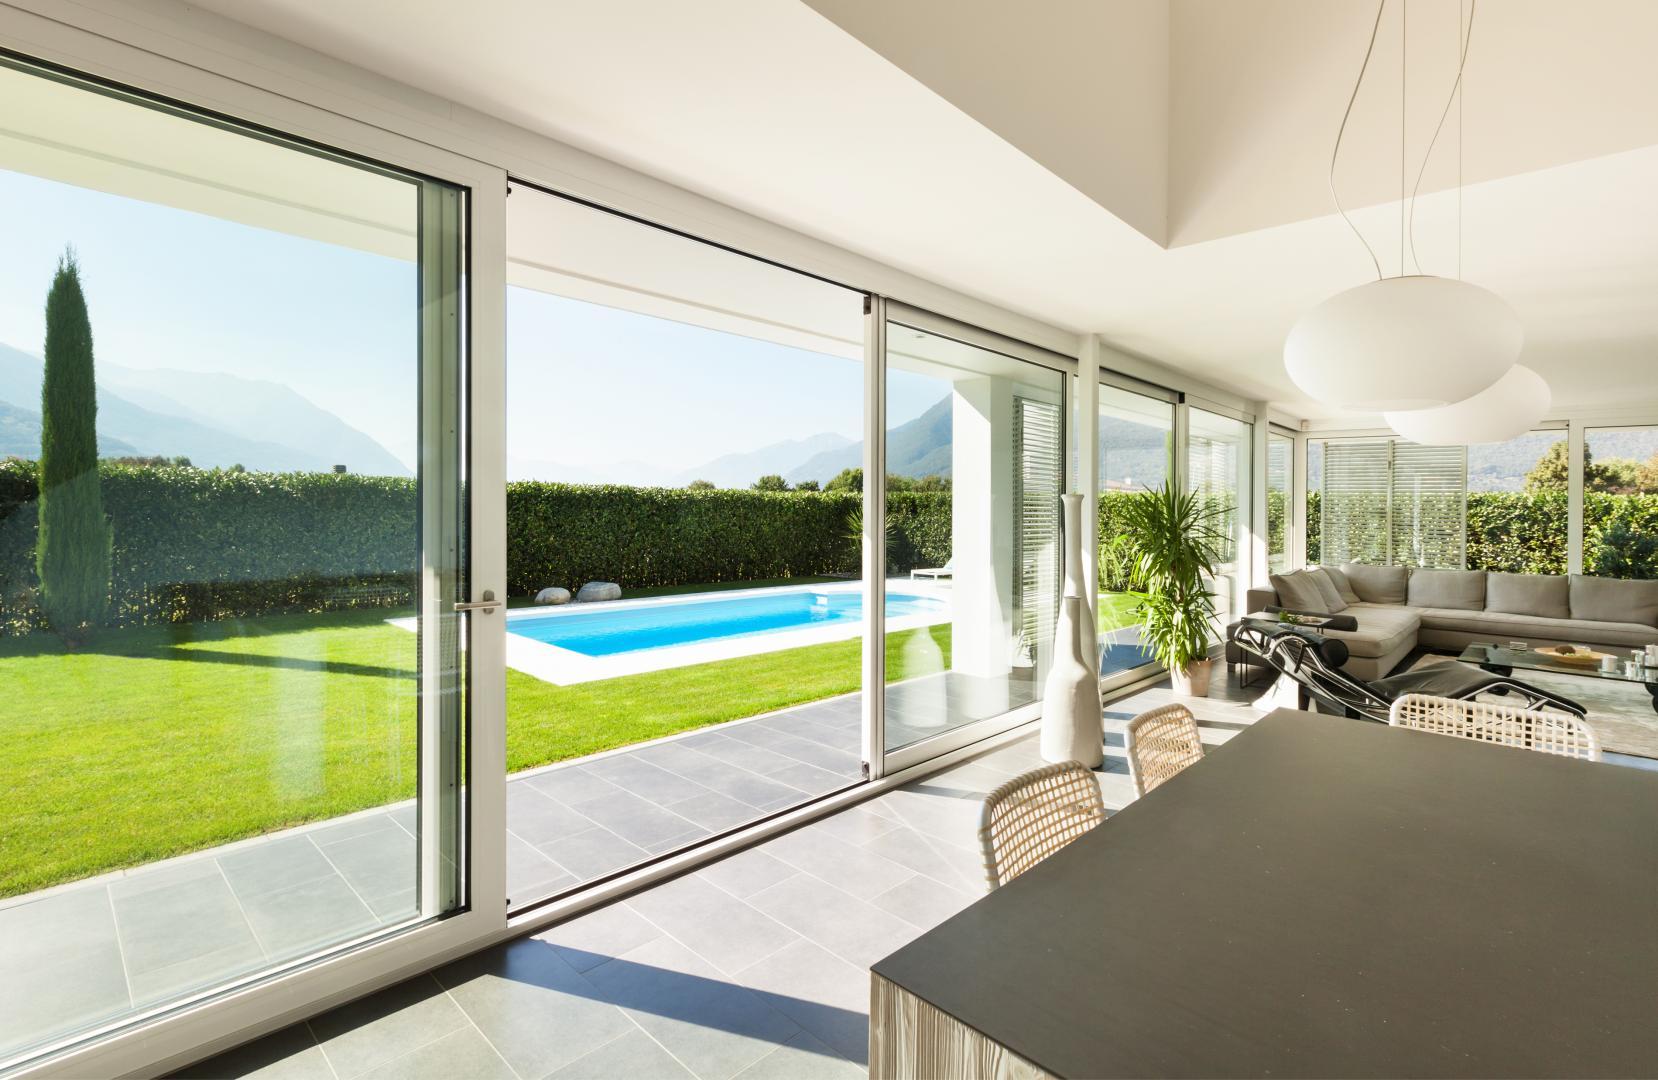 Ventanas de pvc replus sevillaglass for Design casa moderna interni